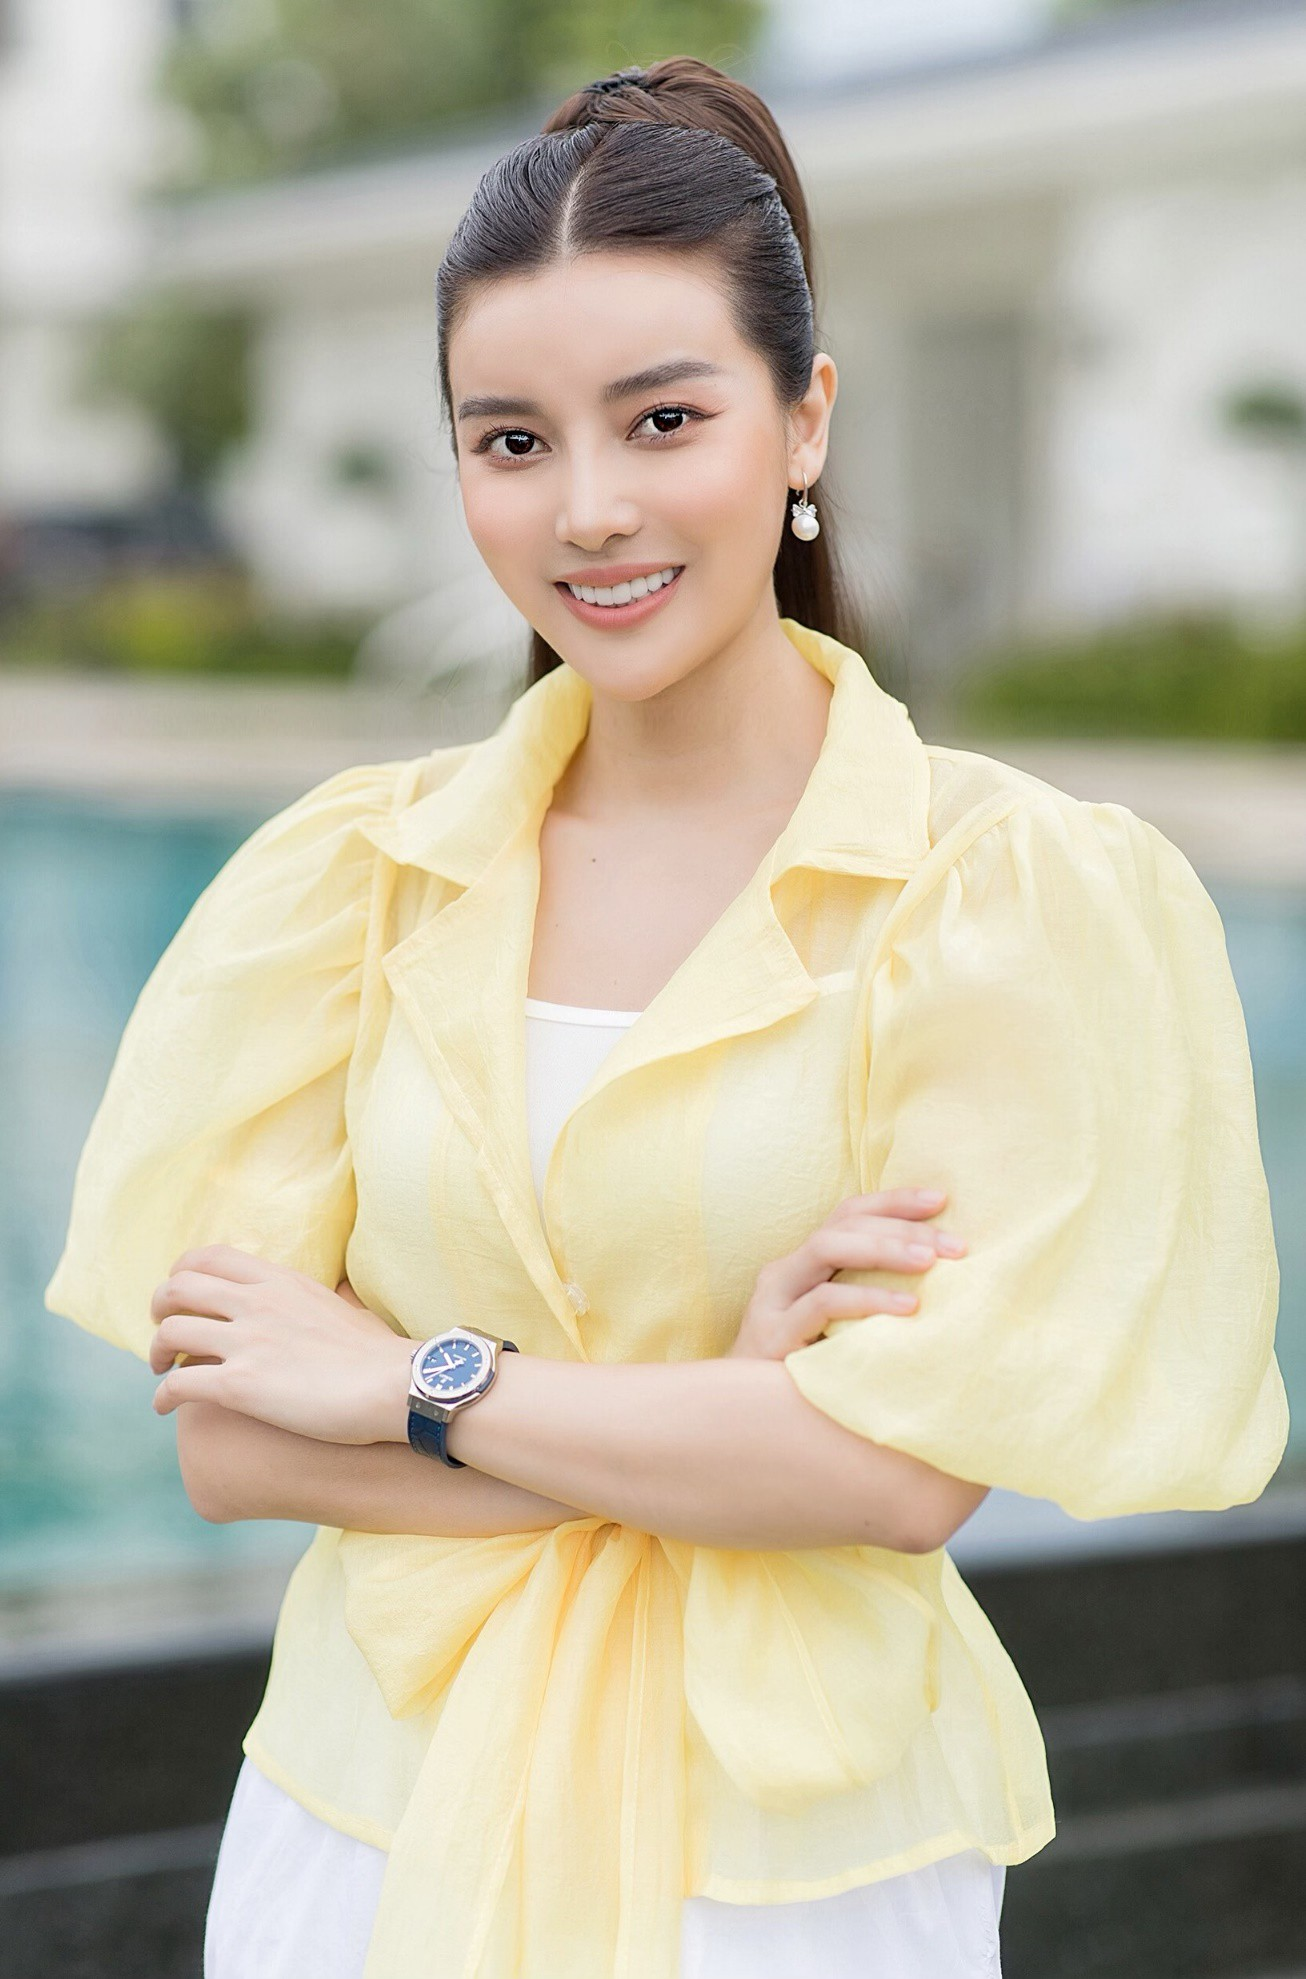 Cao Thái Hà chính thức bước vào lĩnh vực làm đẹp với Collagen Labores - Ảnh 4.